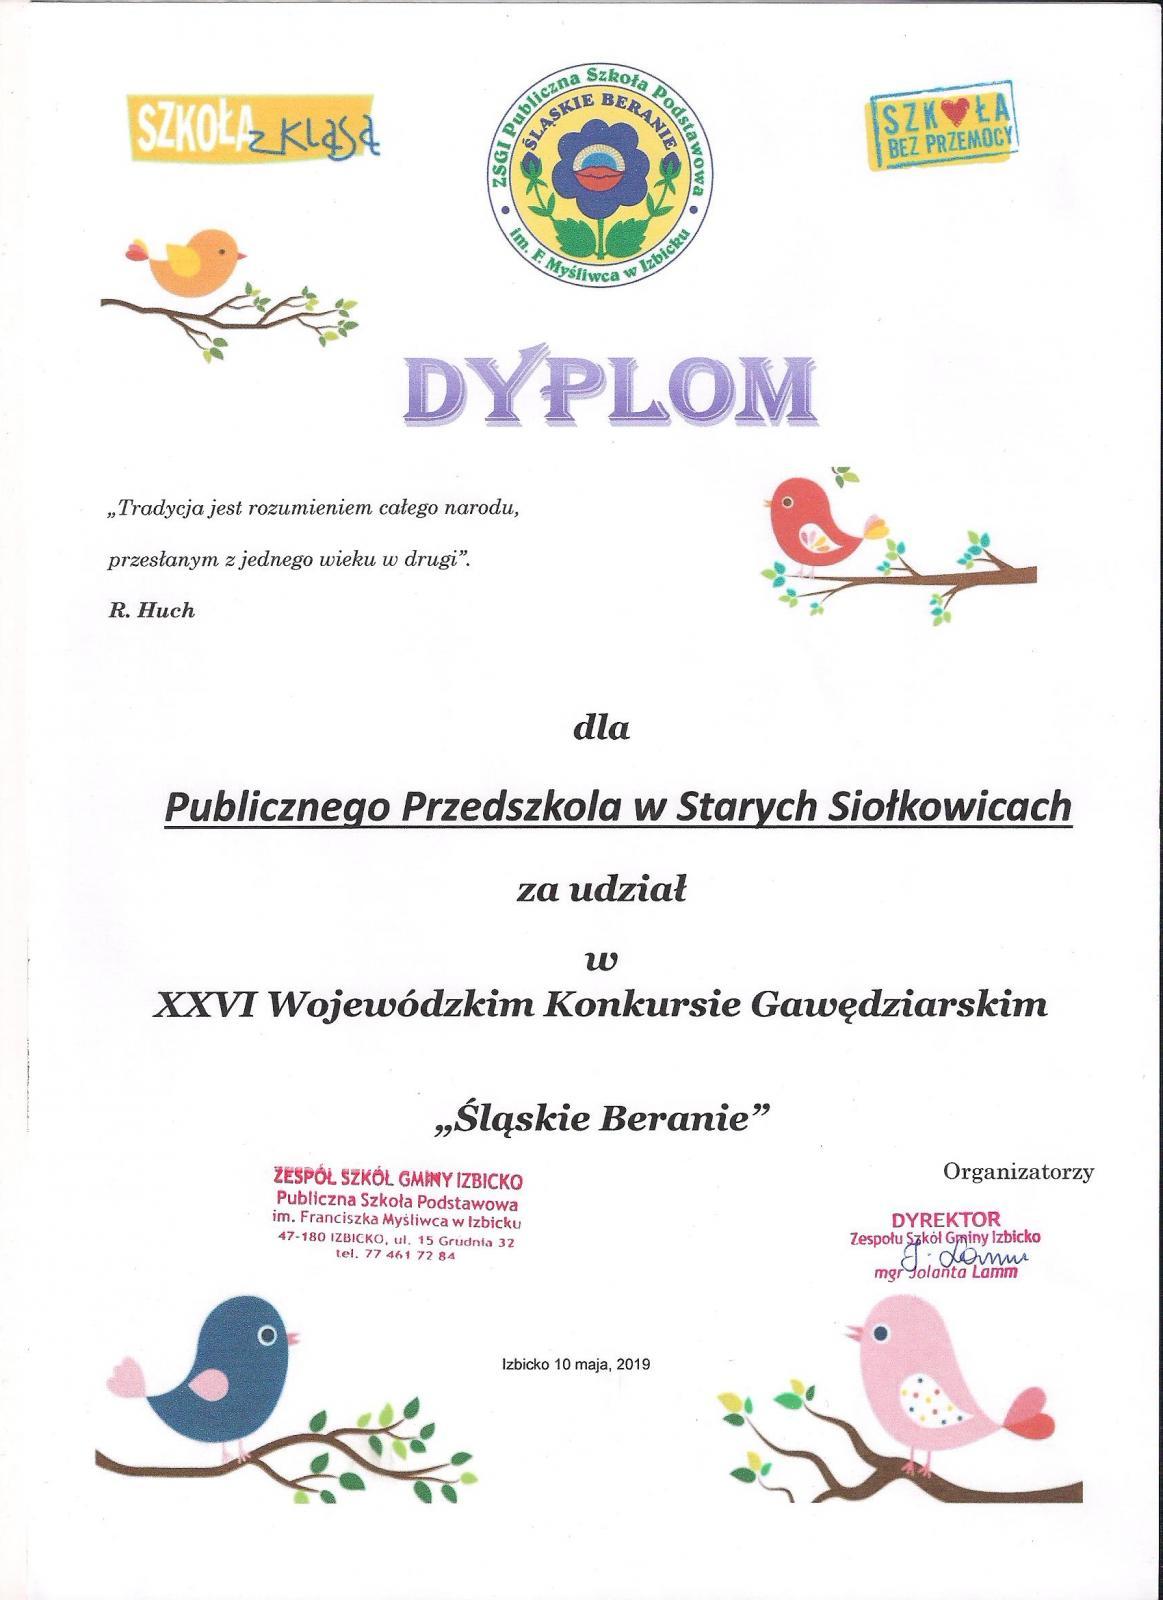 Dyplom za udział w Wojewódzkim Konkursie Gawędziarskim